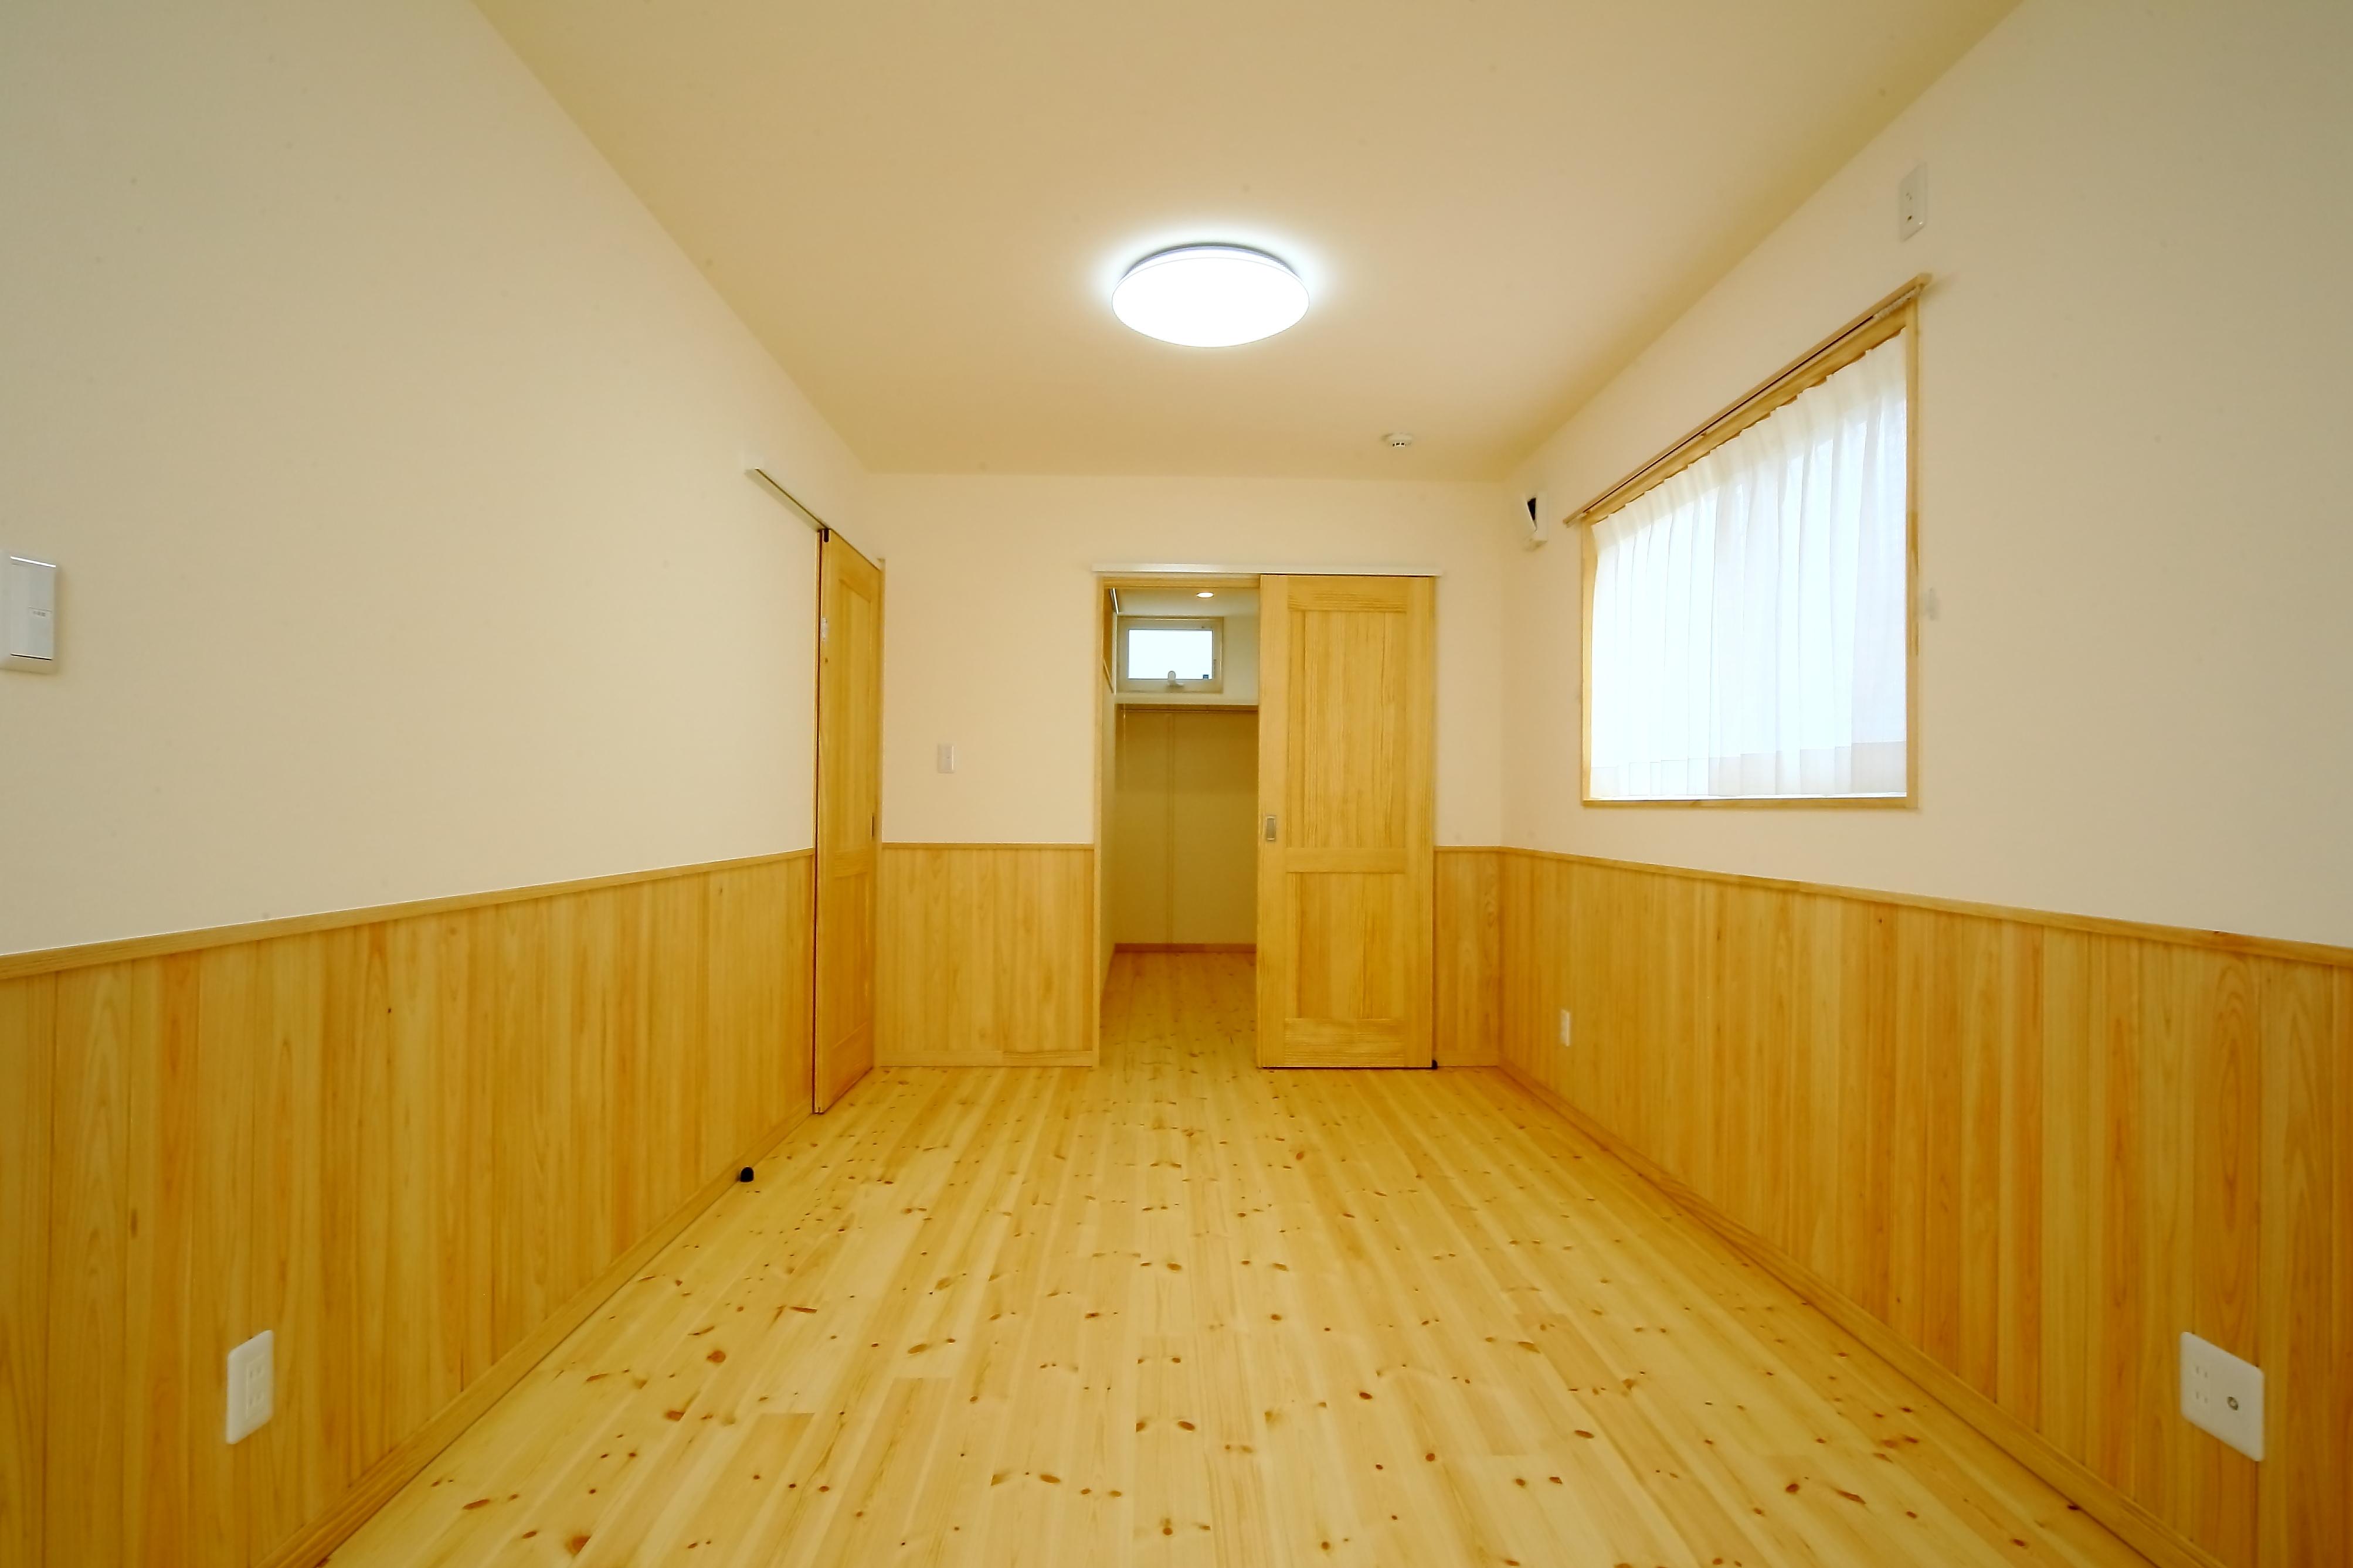 エコフィールド【収納力、省エネ、間取り】2階の子ども部屋は、将来的に間仕切りも可能